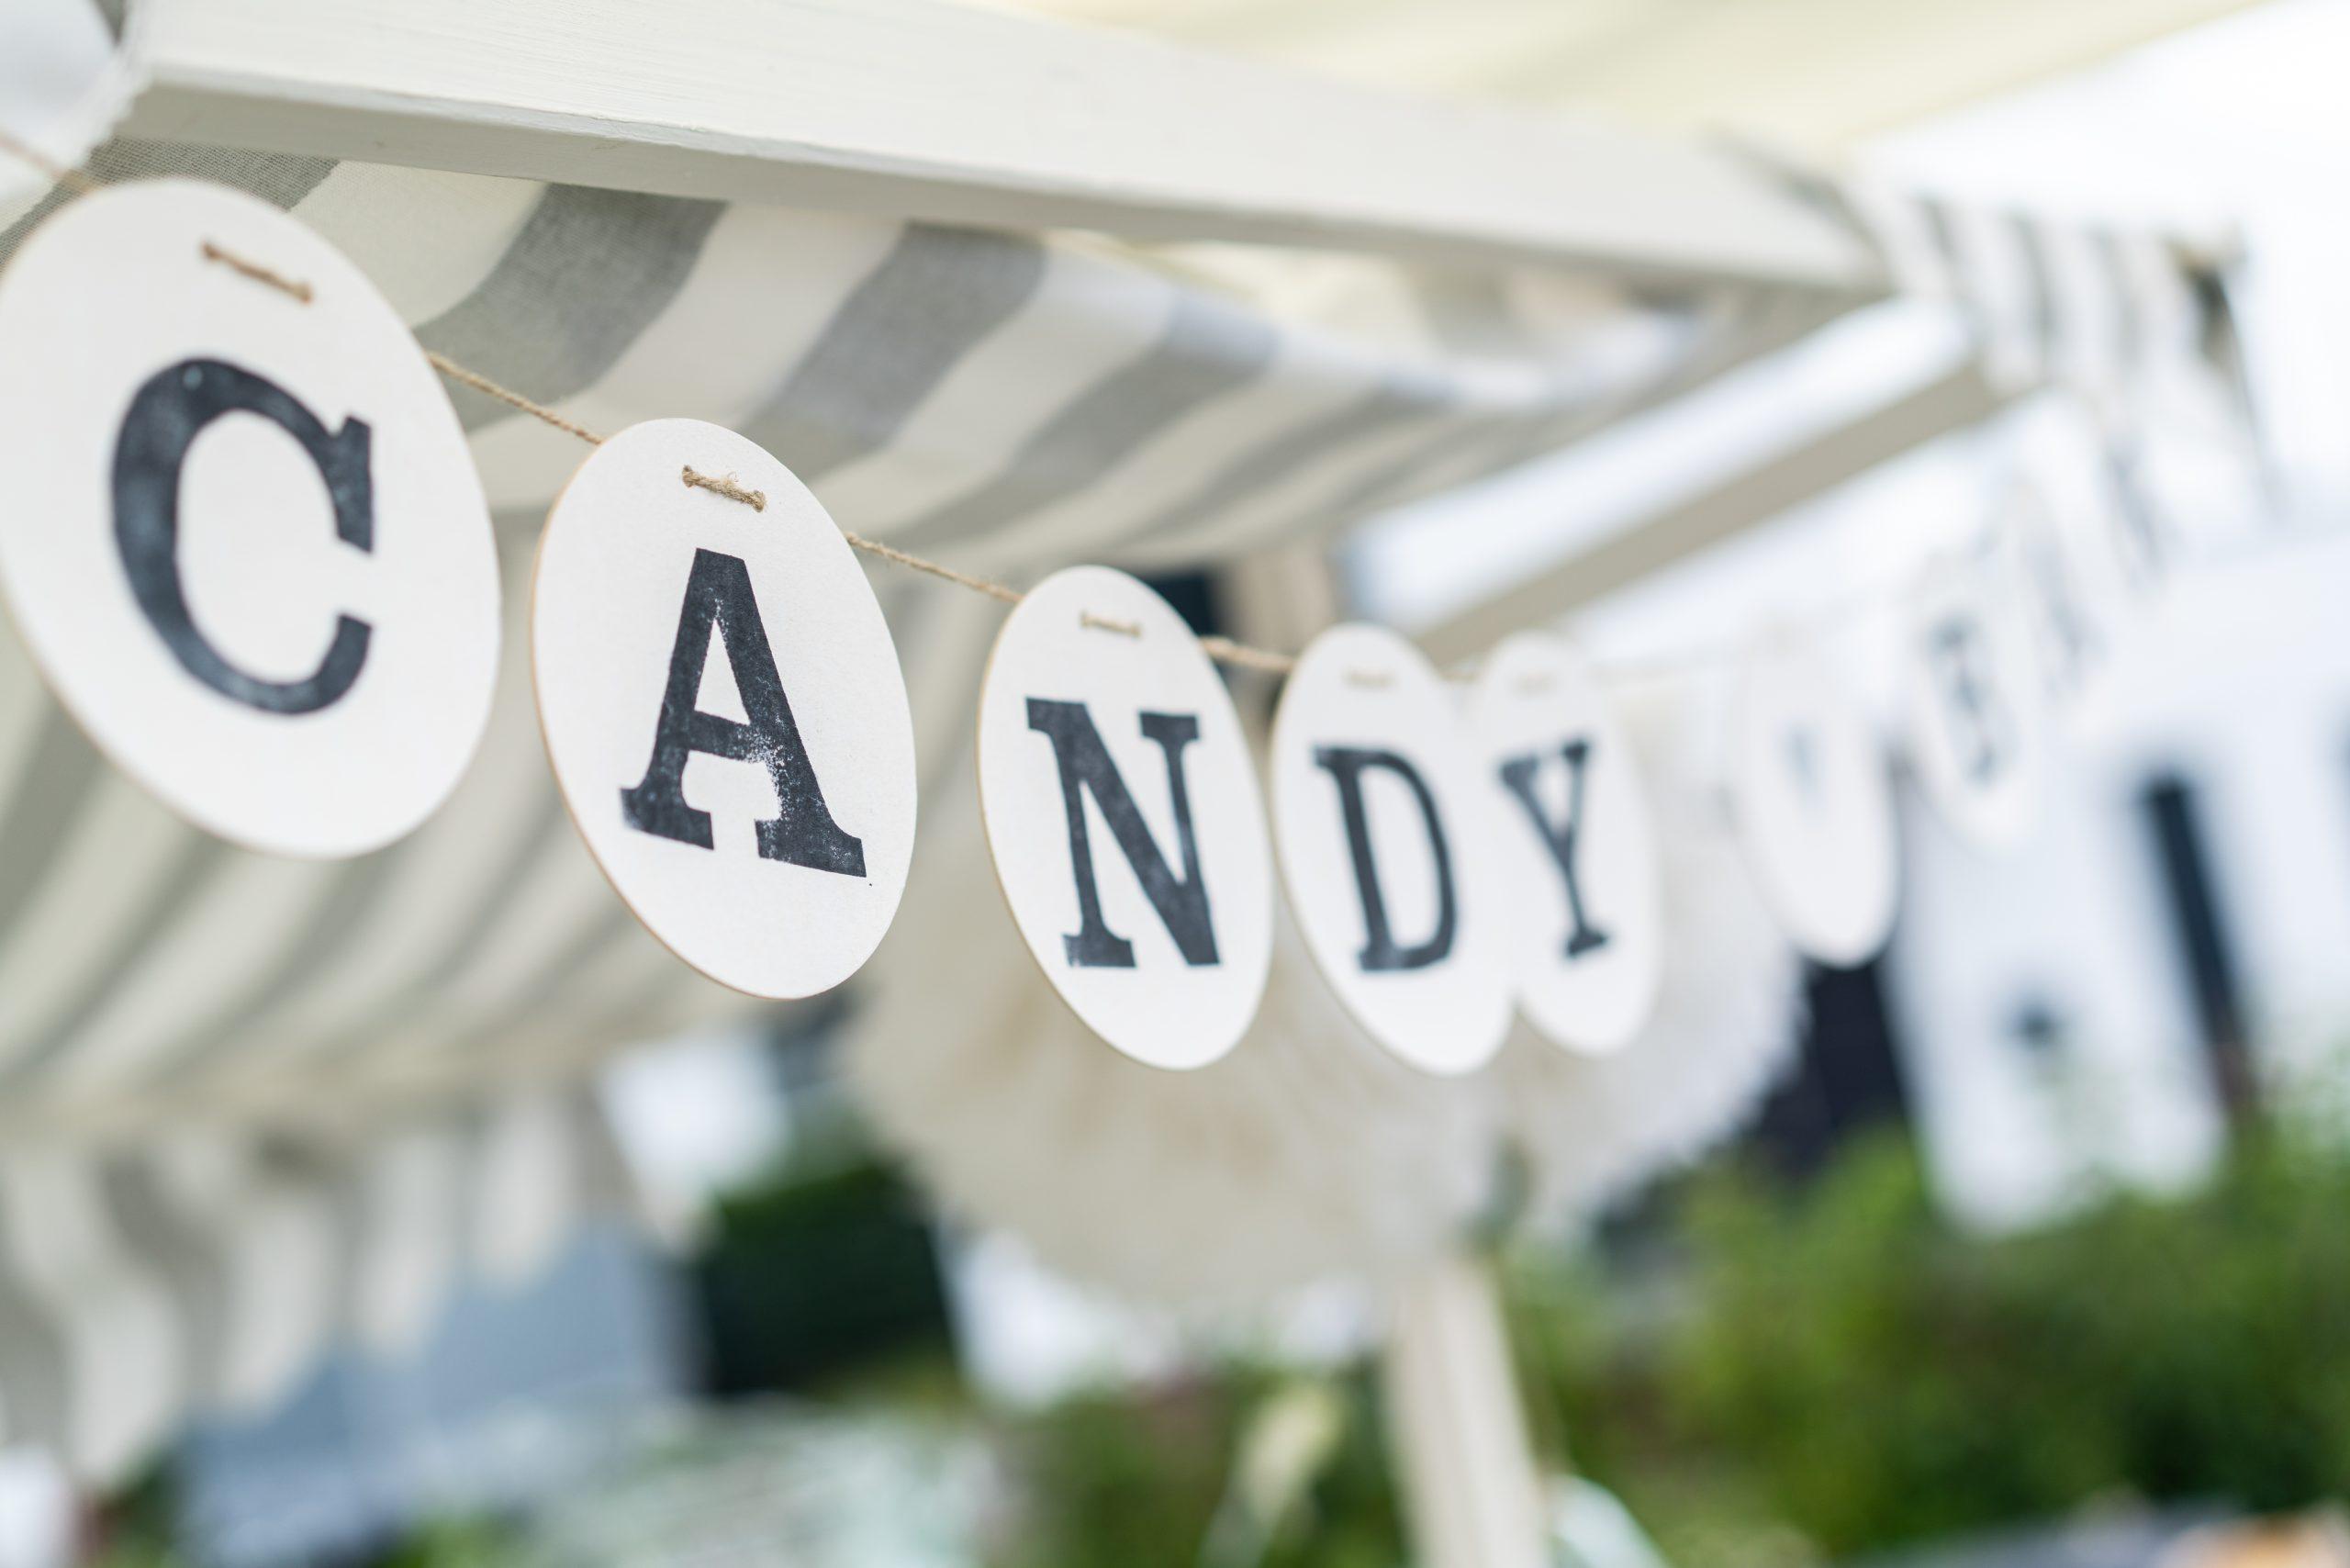 Candybar deko Hochzeit im Garten